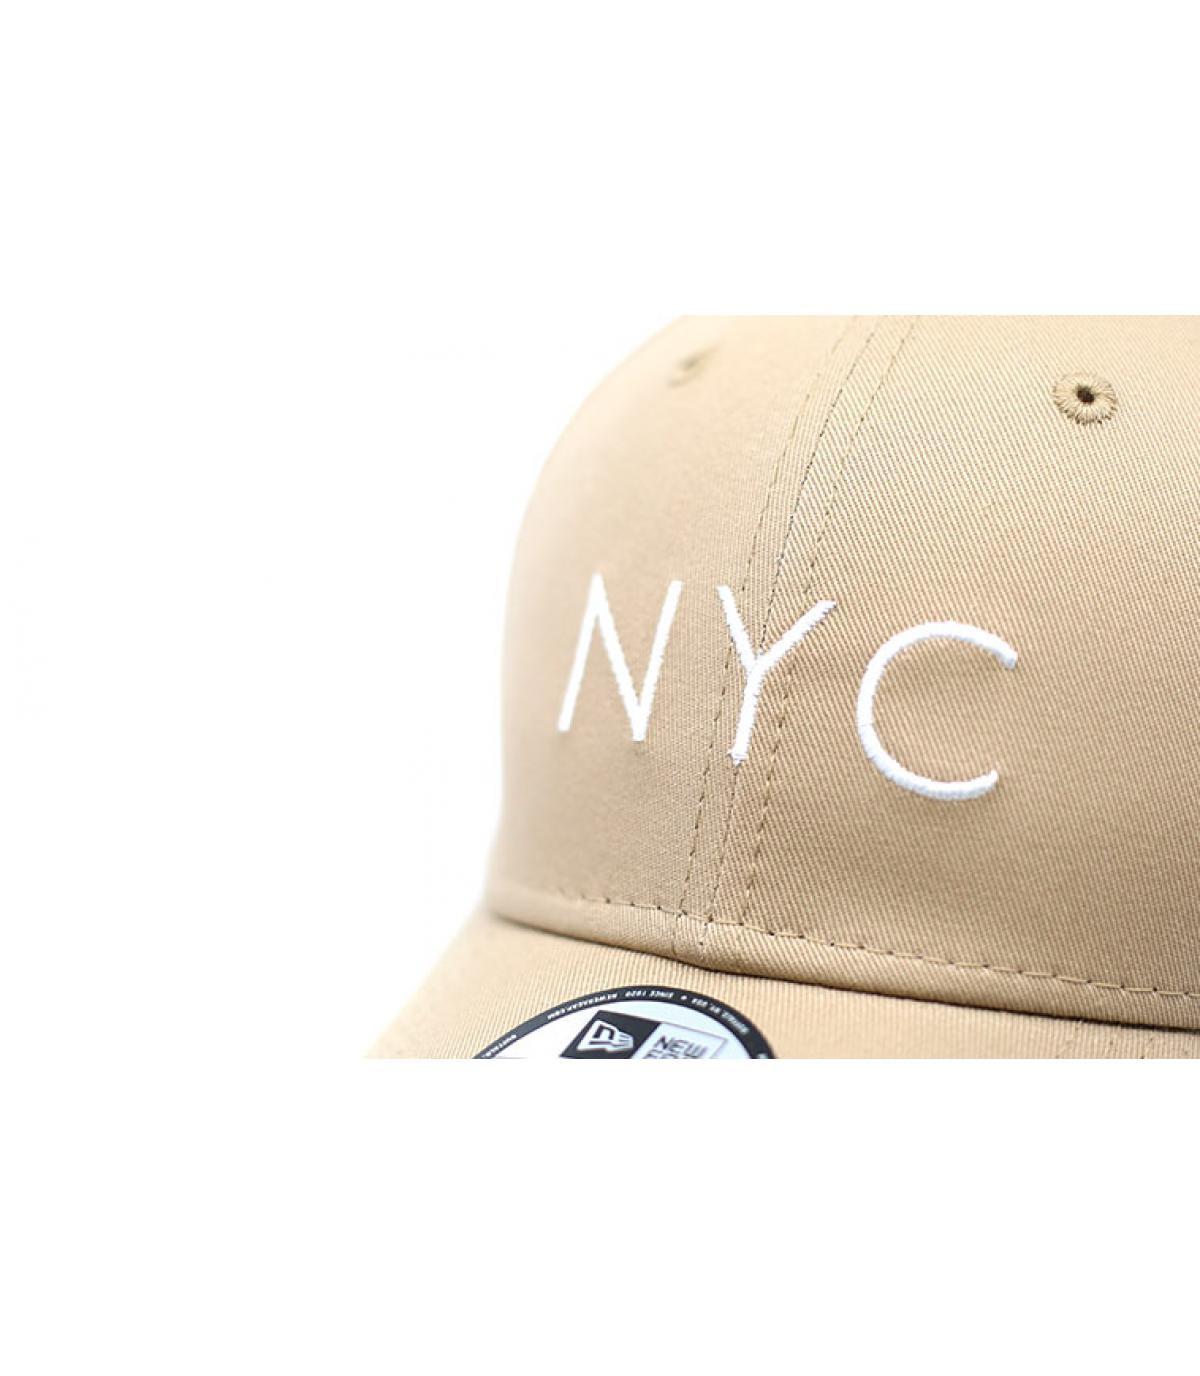 Details Cap NYC NE Ess 9Forty camel - Abbildung 3